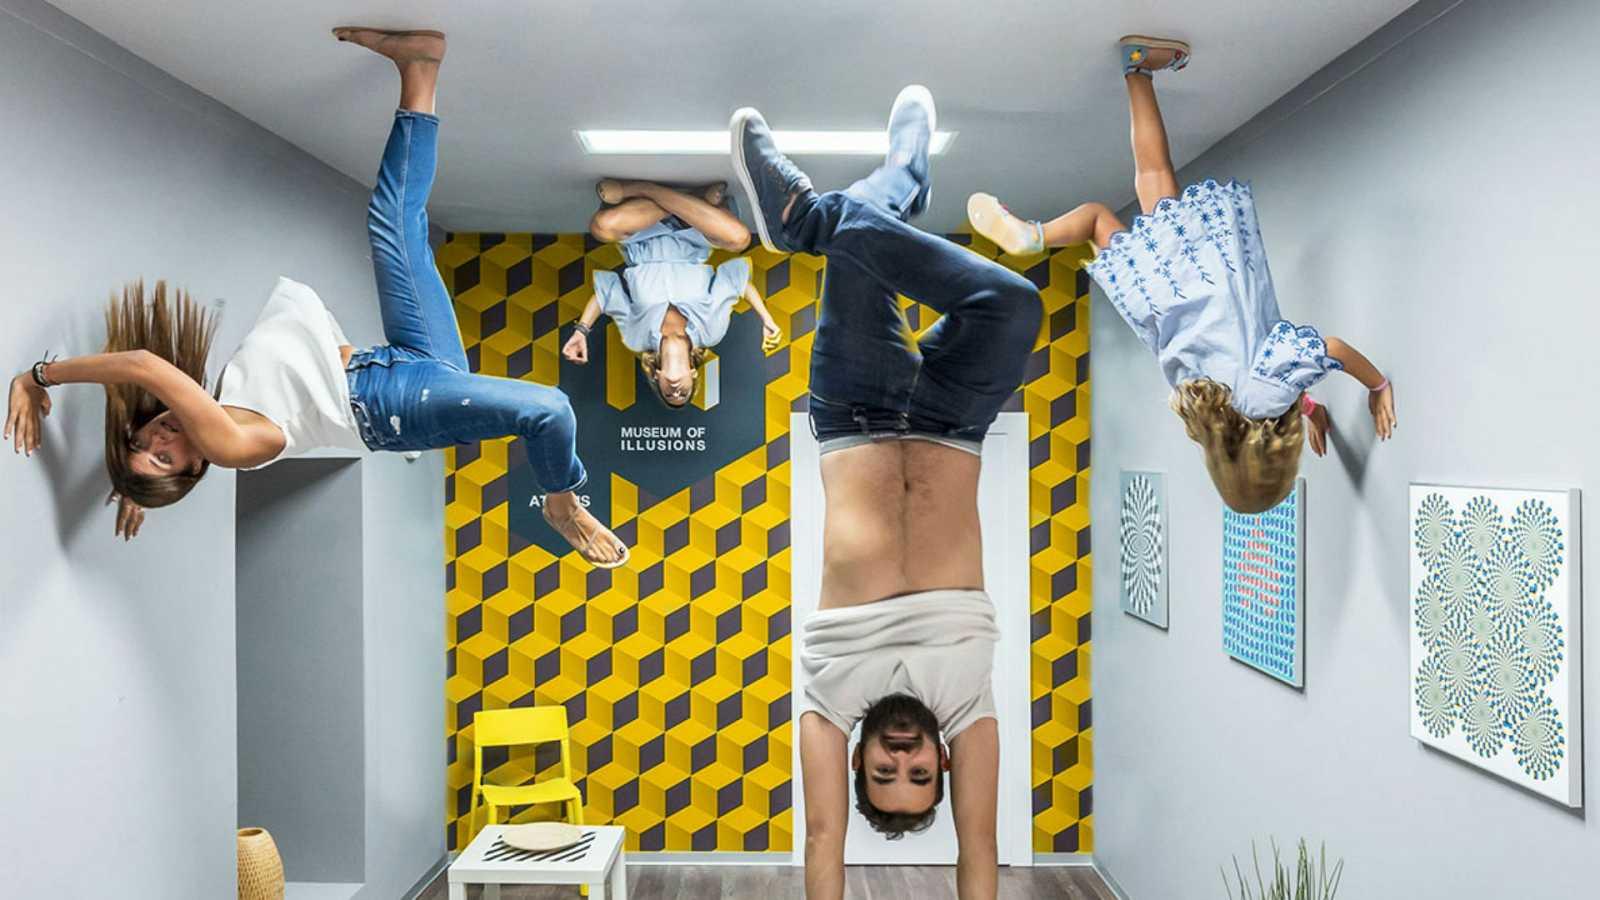 Artesfera en Radio 5 - Abre el primer museo de las Ilusiones en Madrid - 28/08/20 - escuchar ahora